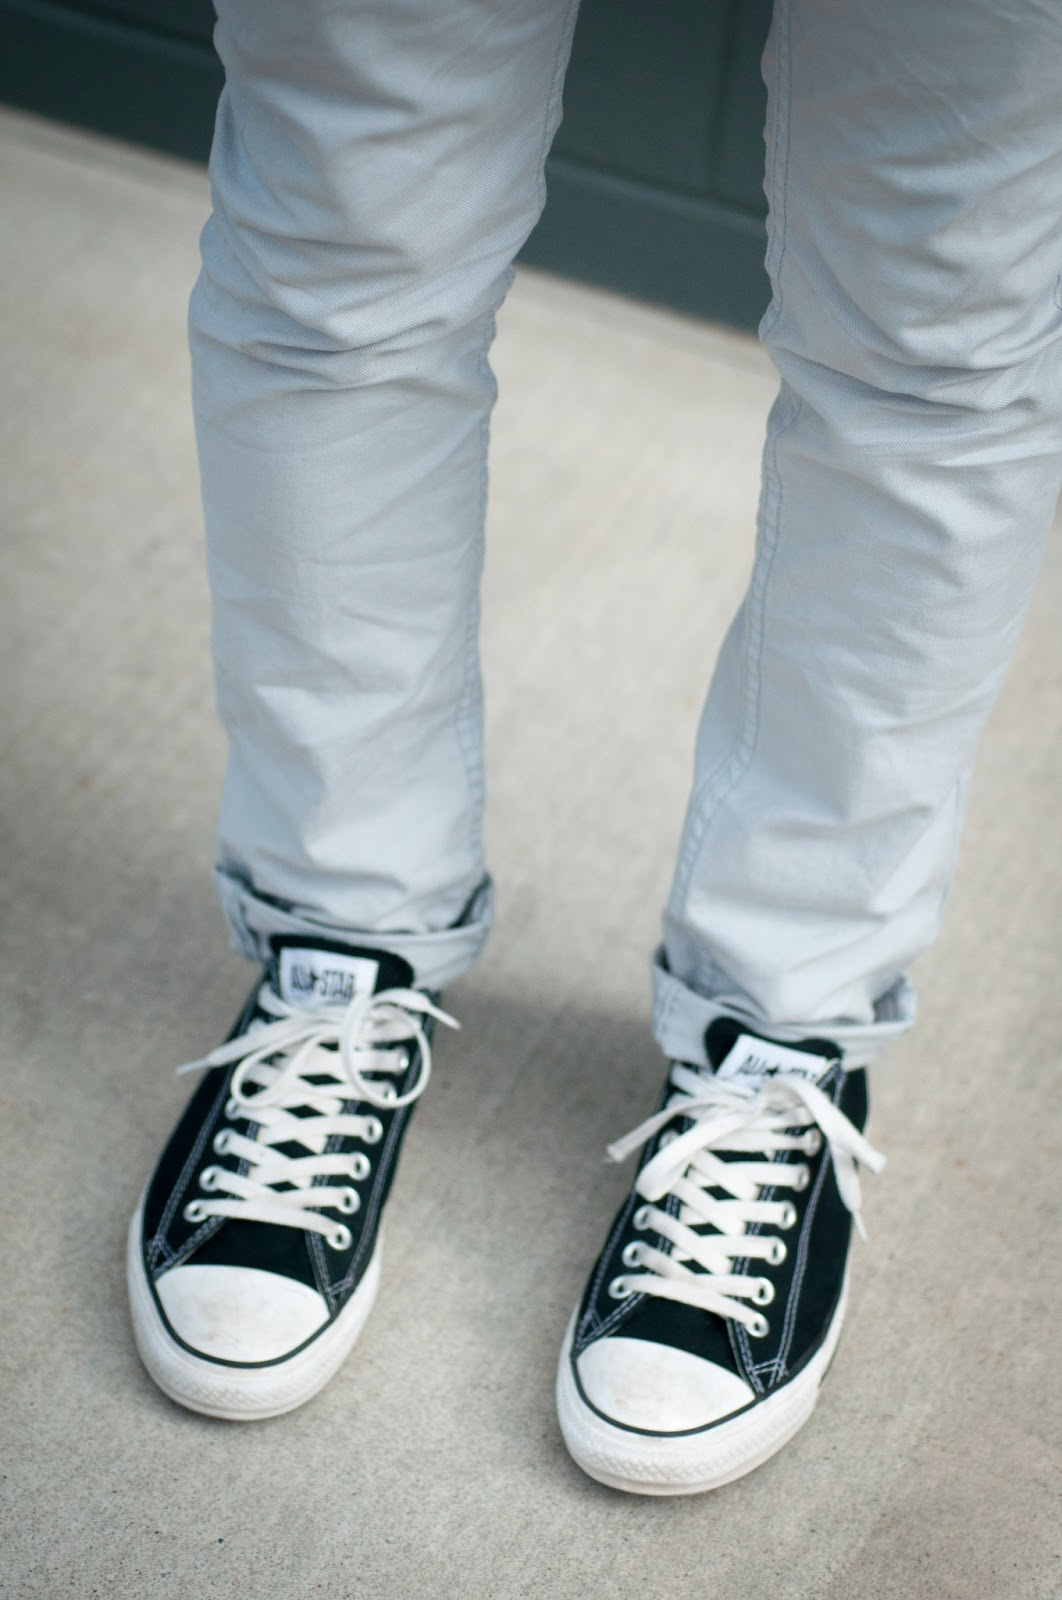 mens style blog, mens fashion blog, converse, black converse, all saints, all saints cigarette jeans